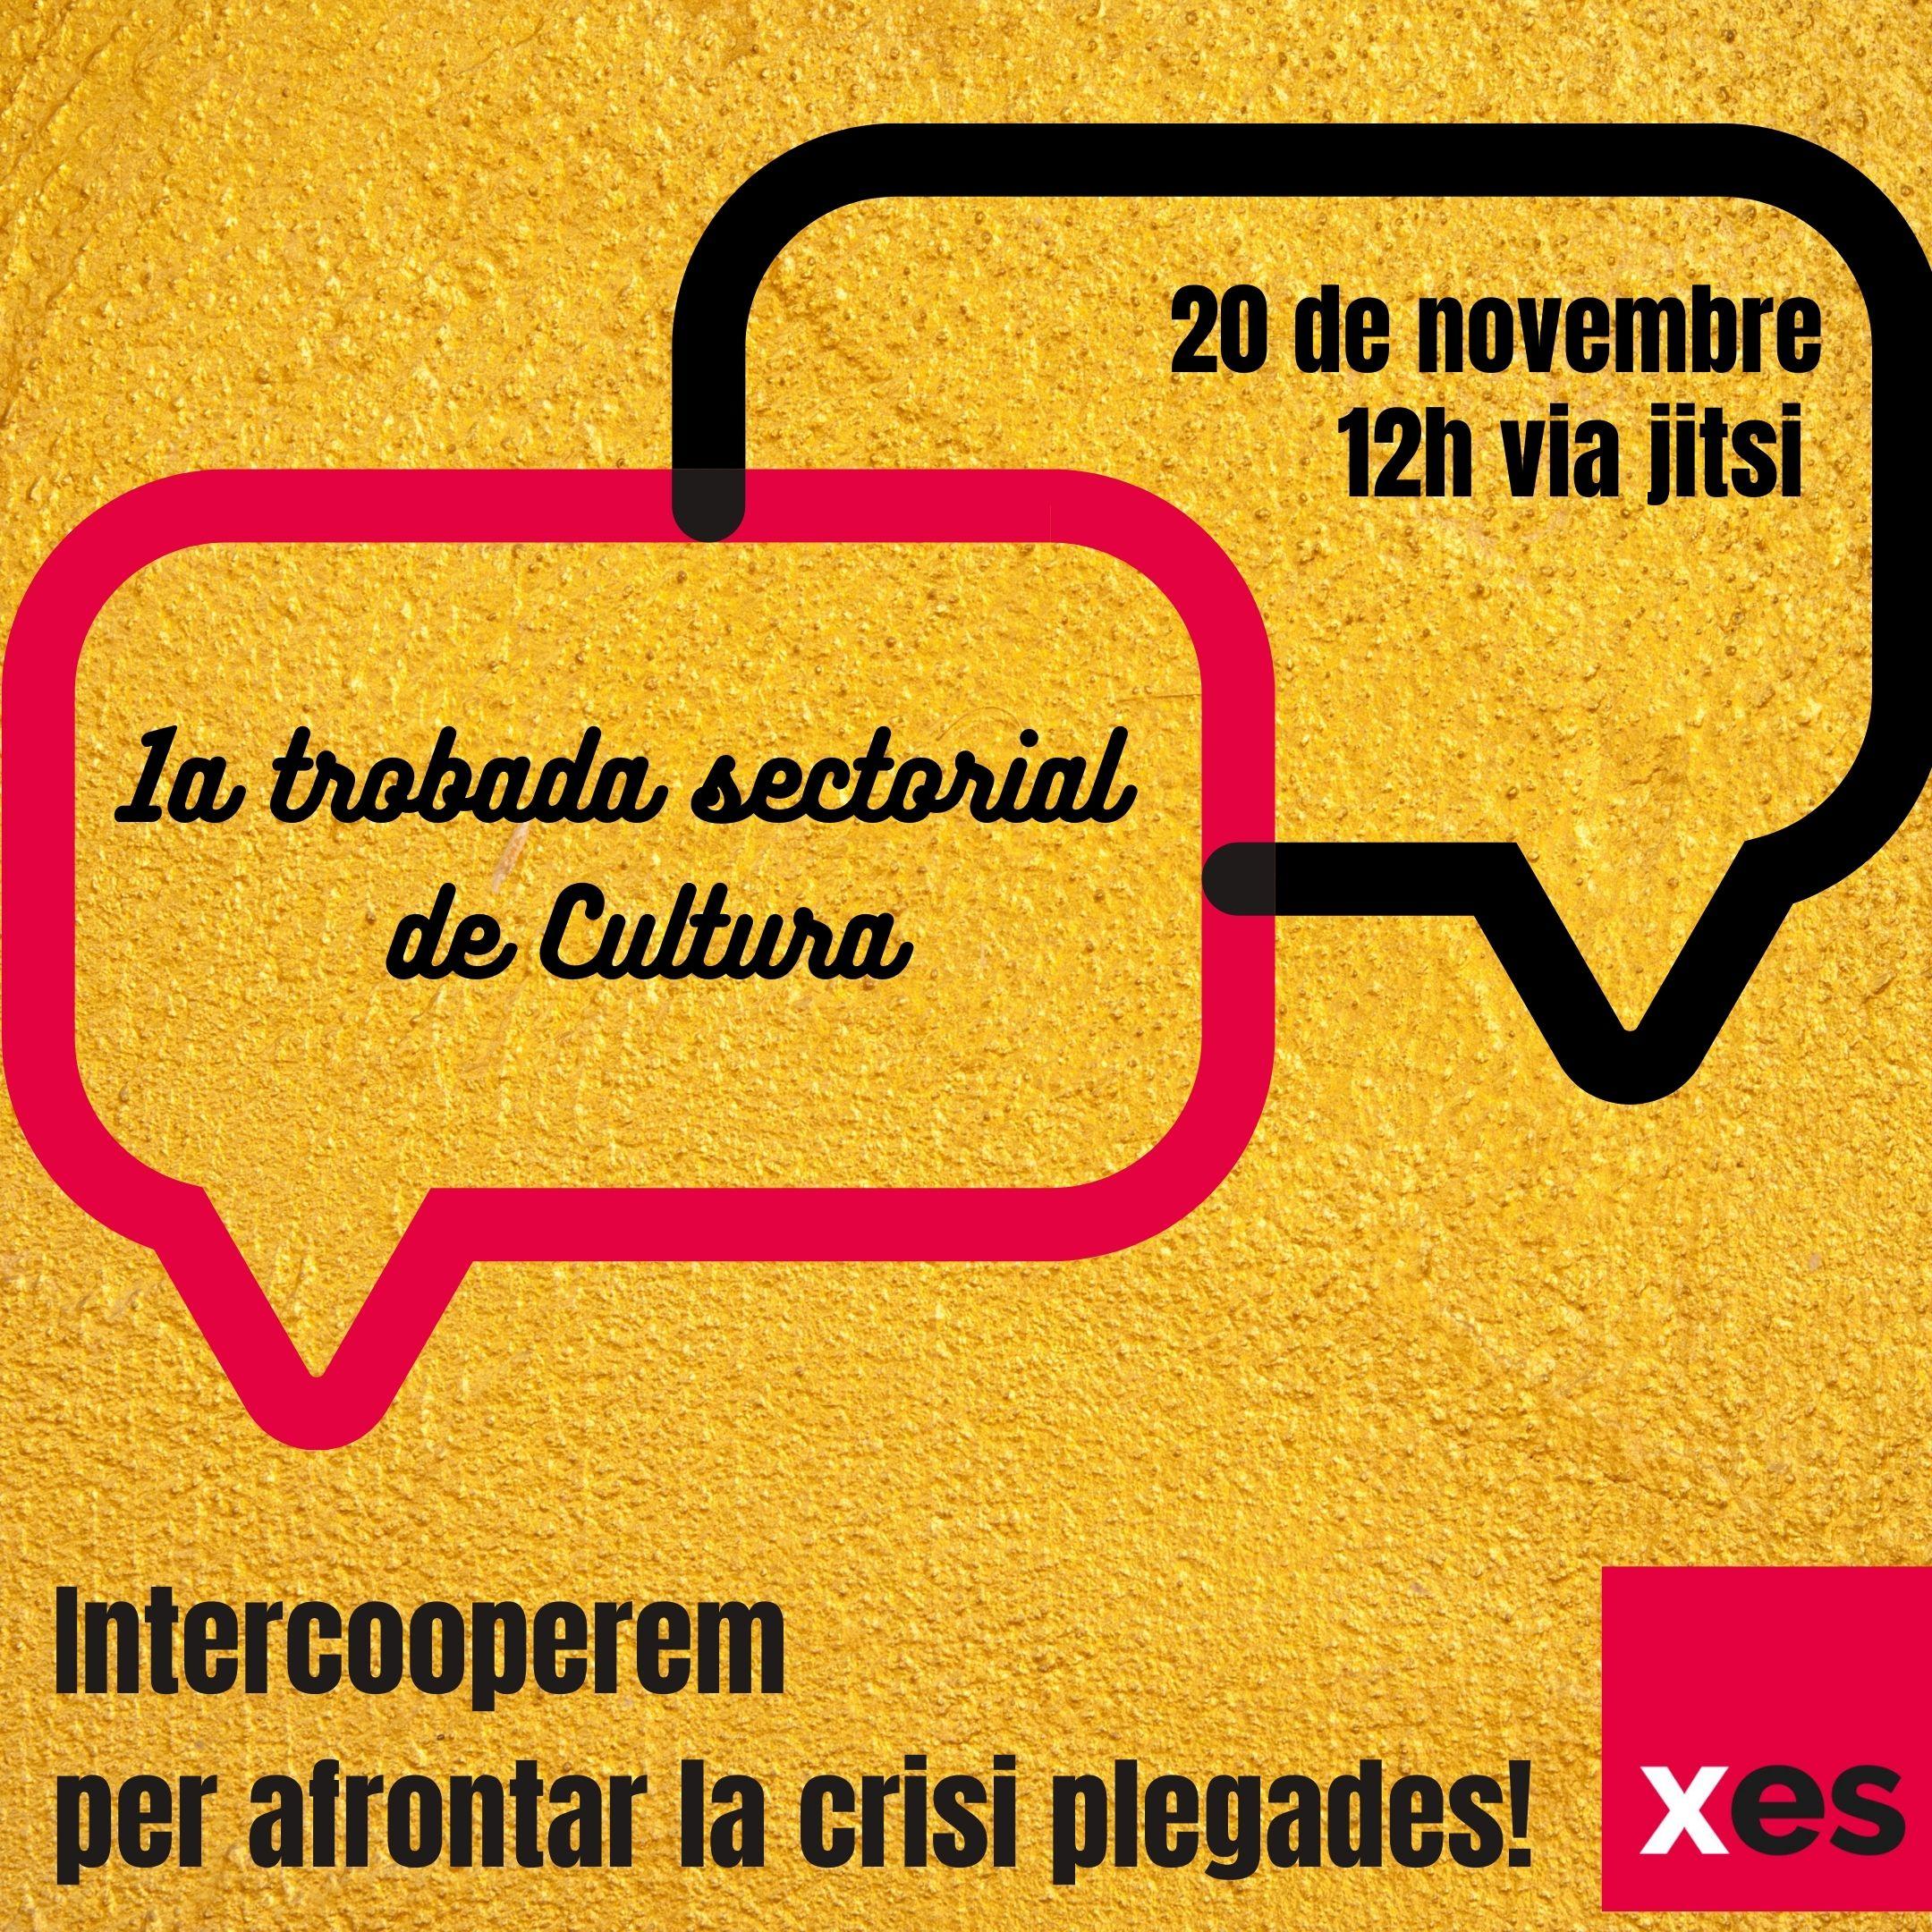 1a trobada intercooperació sector Cultura